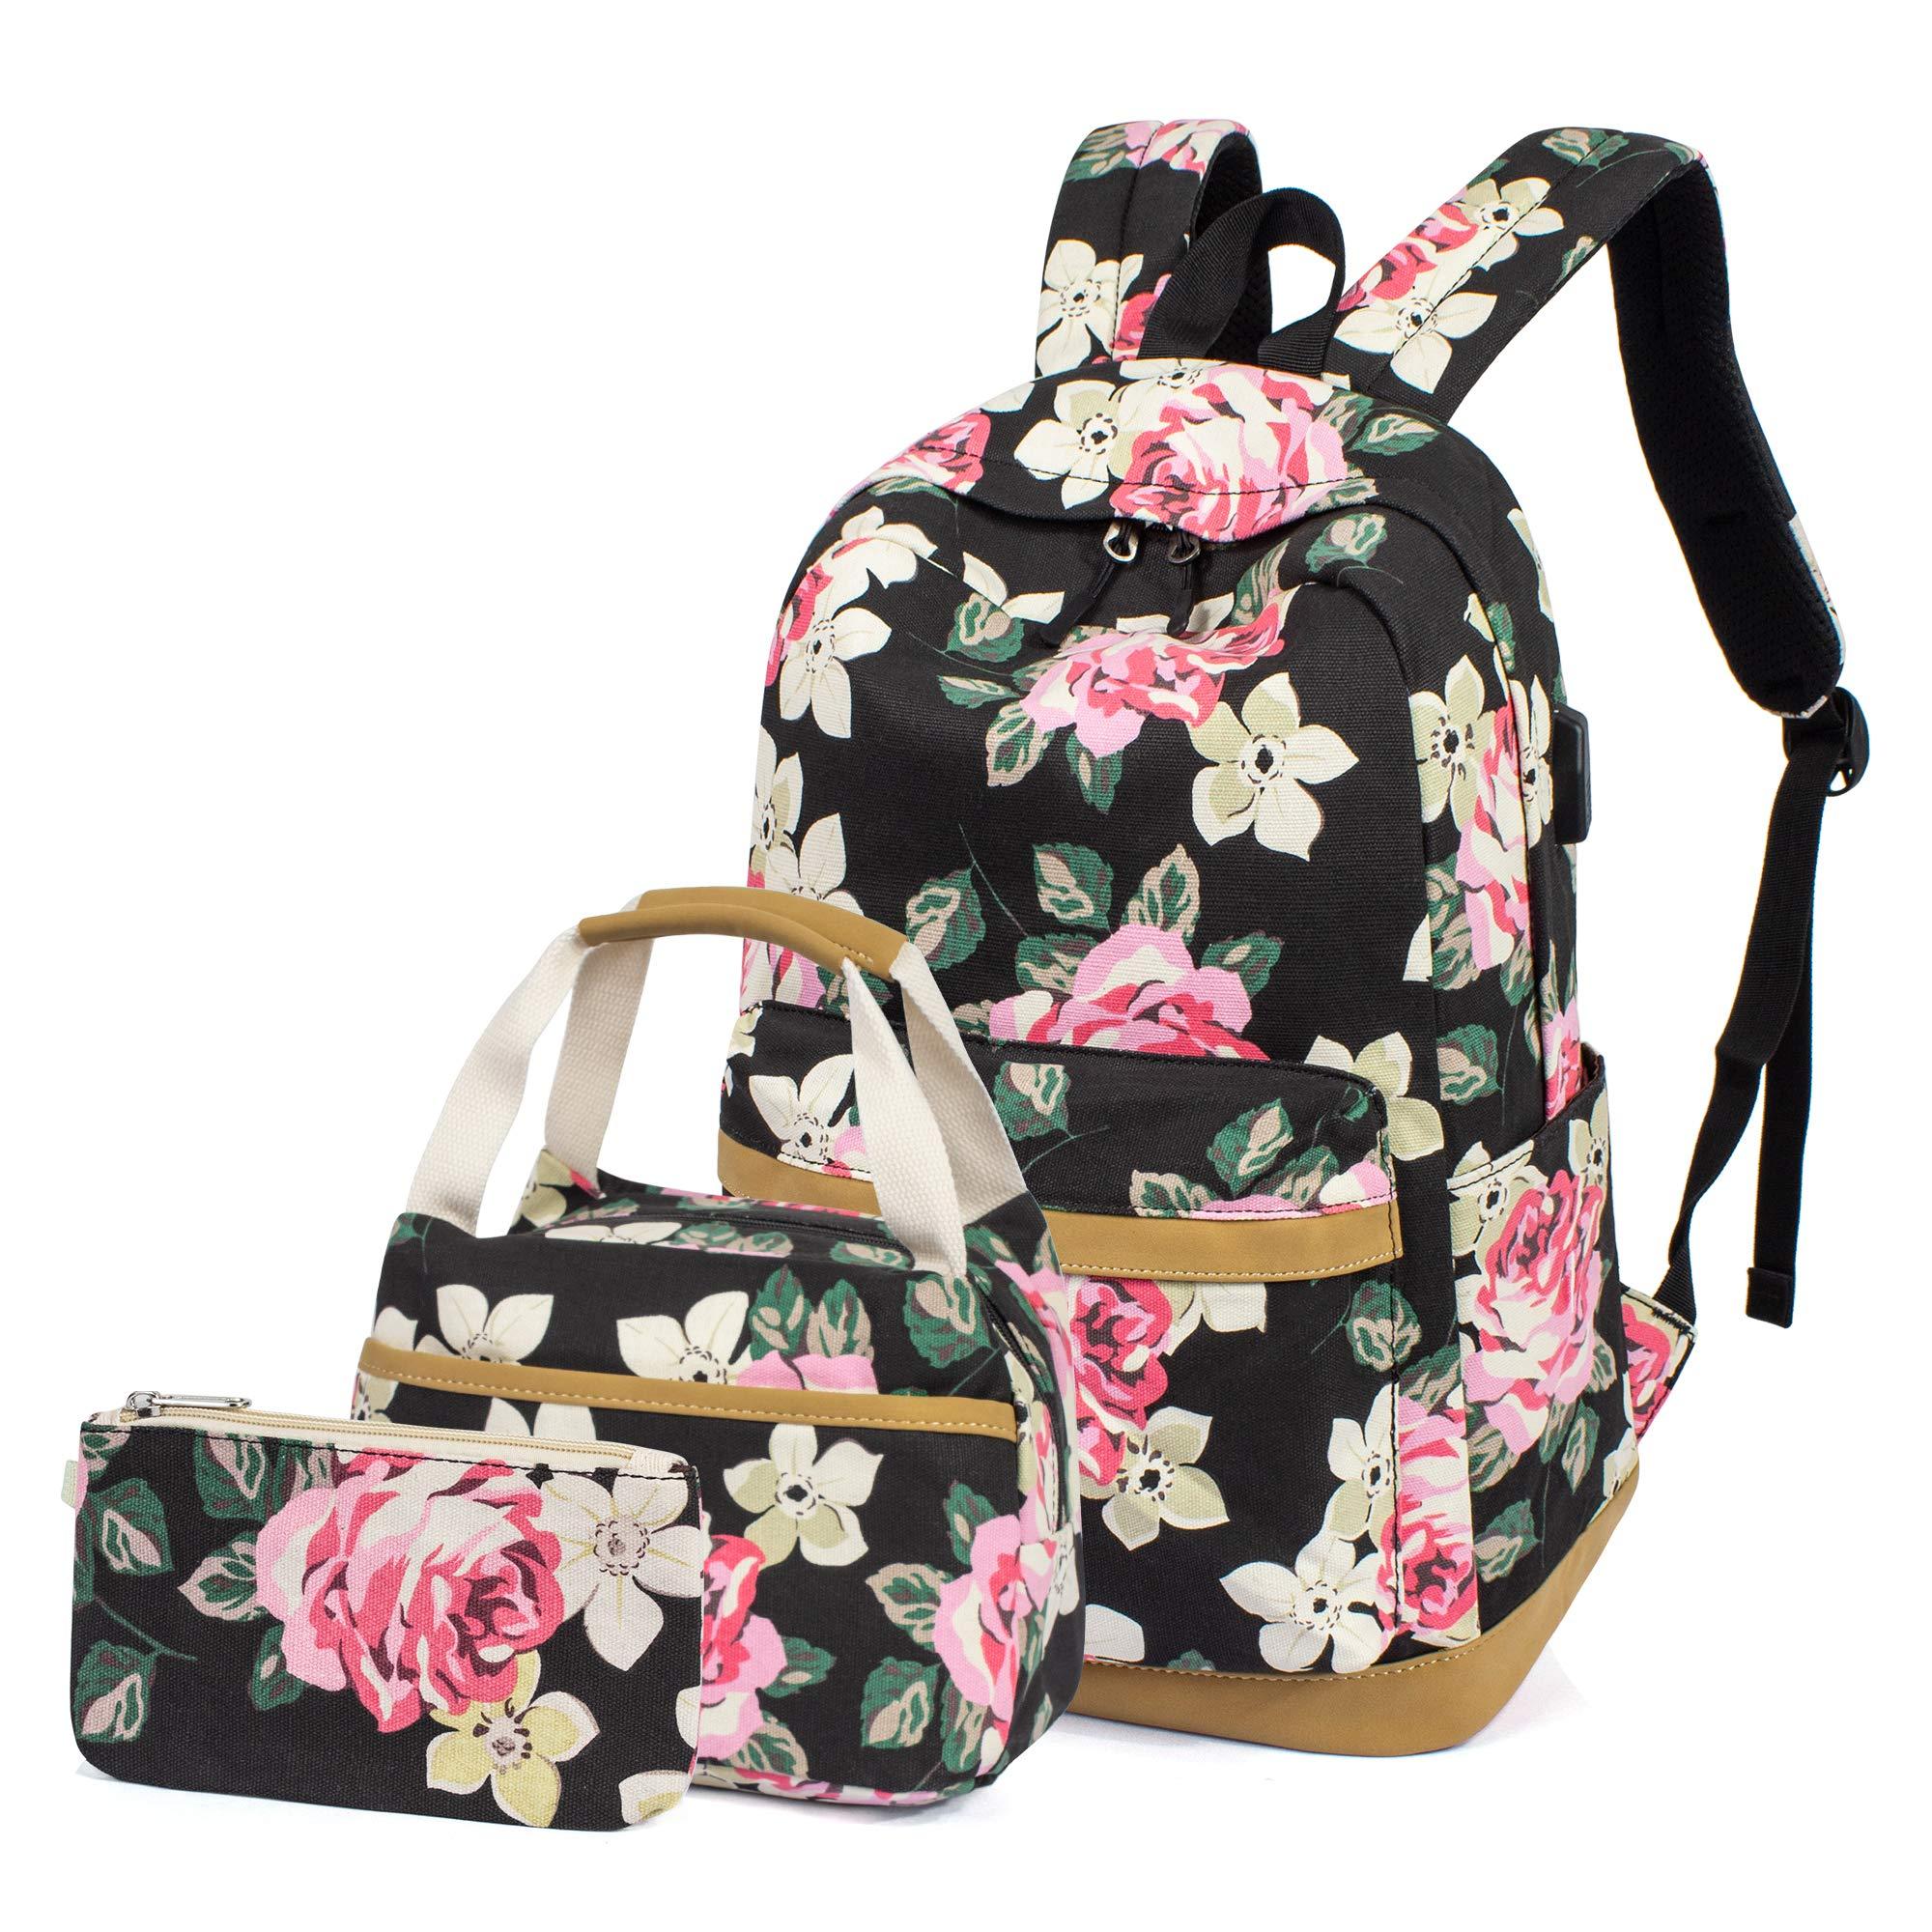 H HIKKER-LINK Floral School Backpack Set Bookbag Lunch Handbag Pencil Case 3pcs